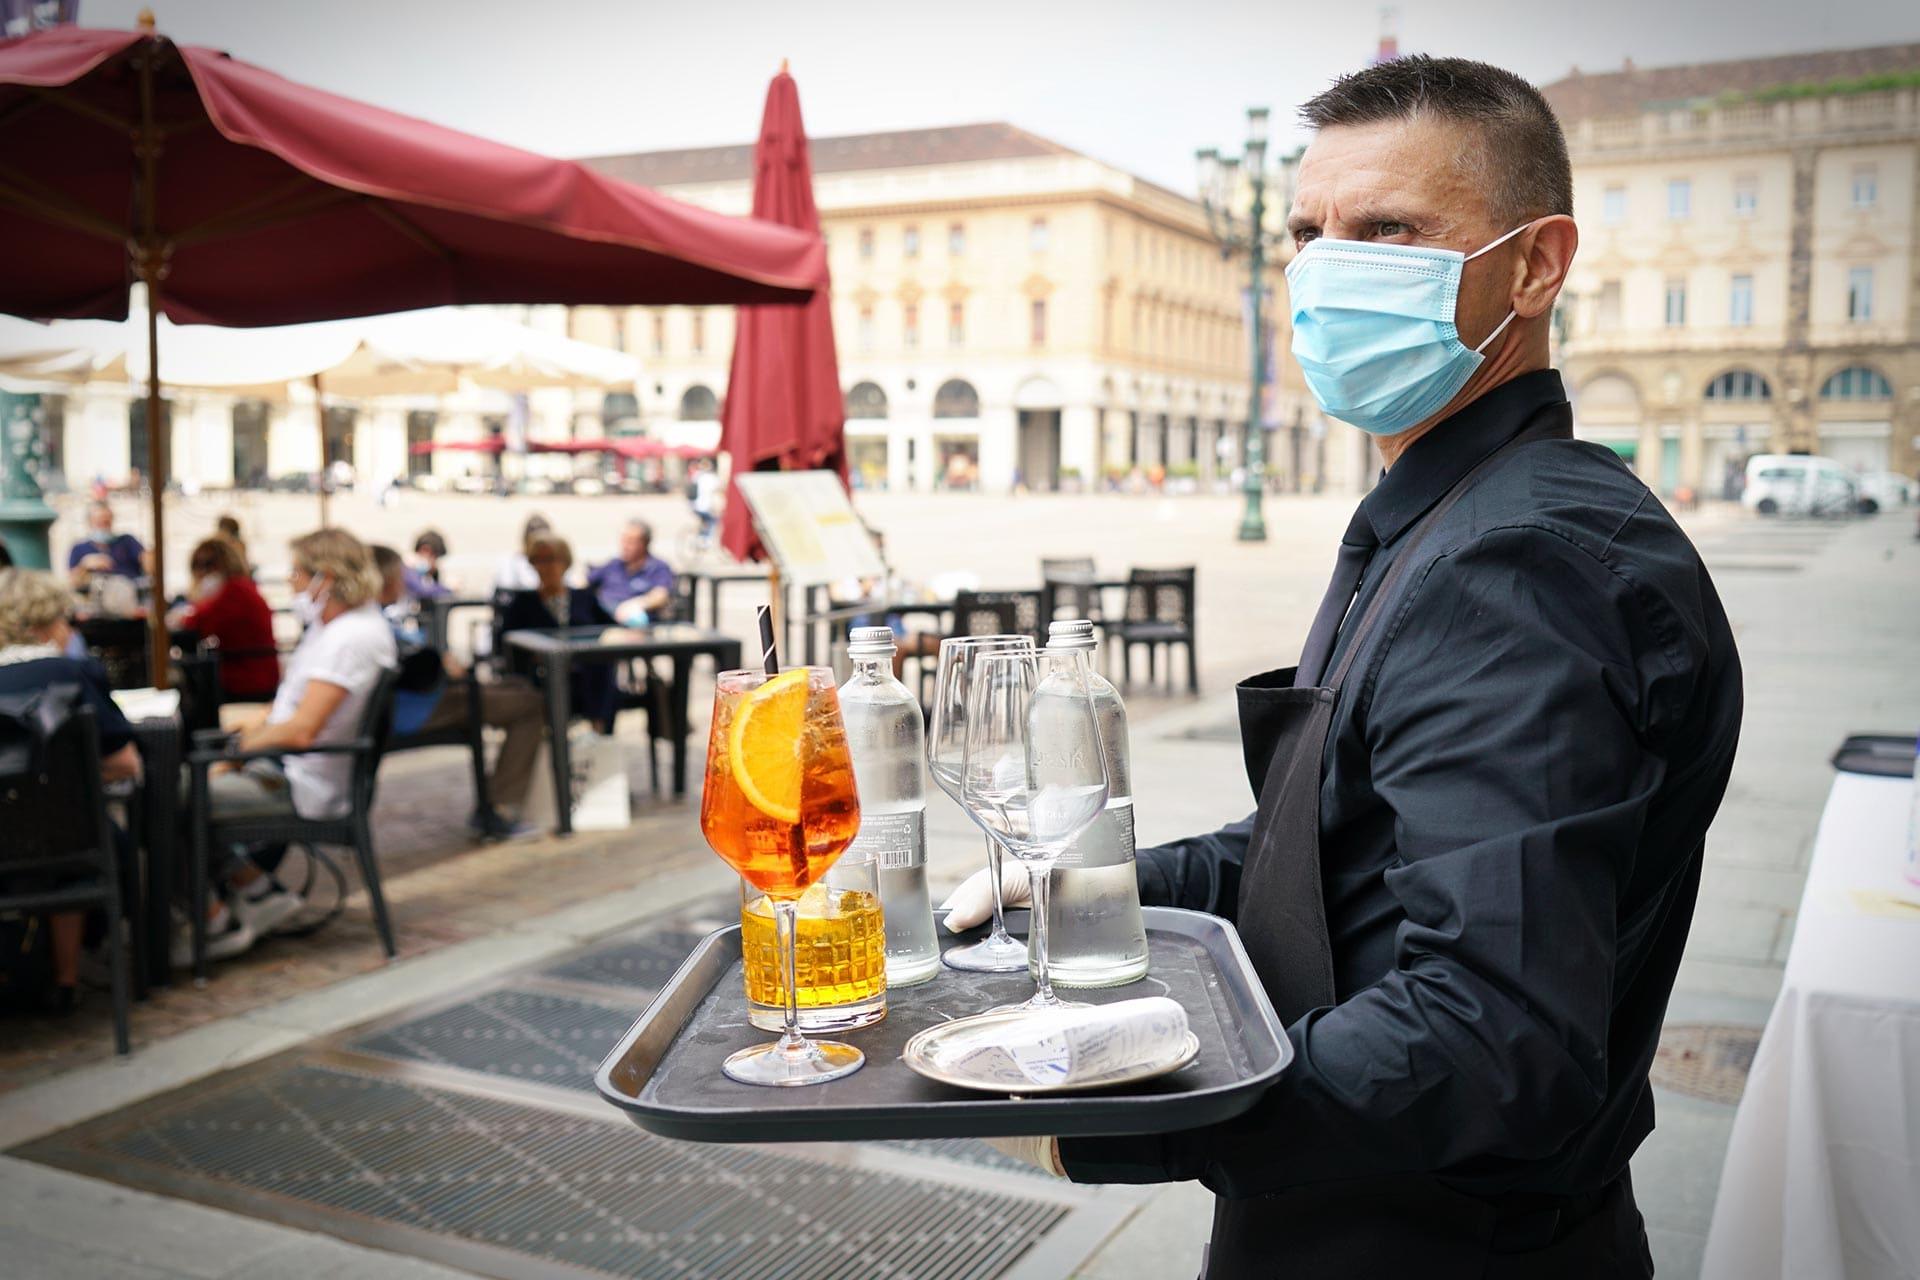 Cameriere con la mascherina e un vassoio pieno di bibite